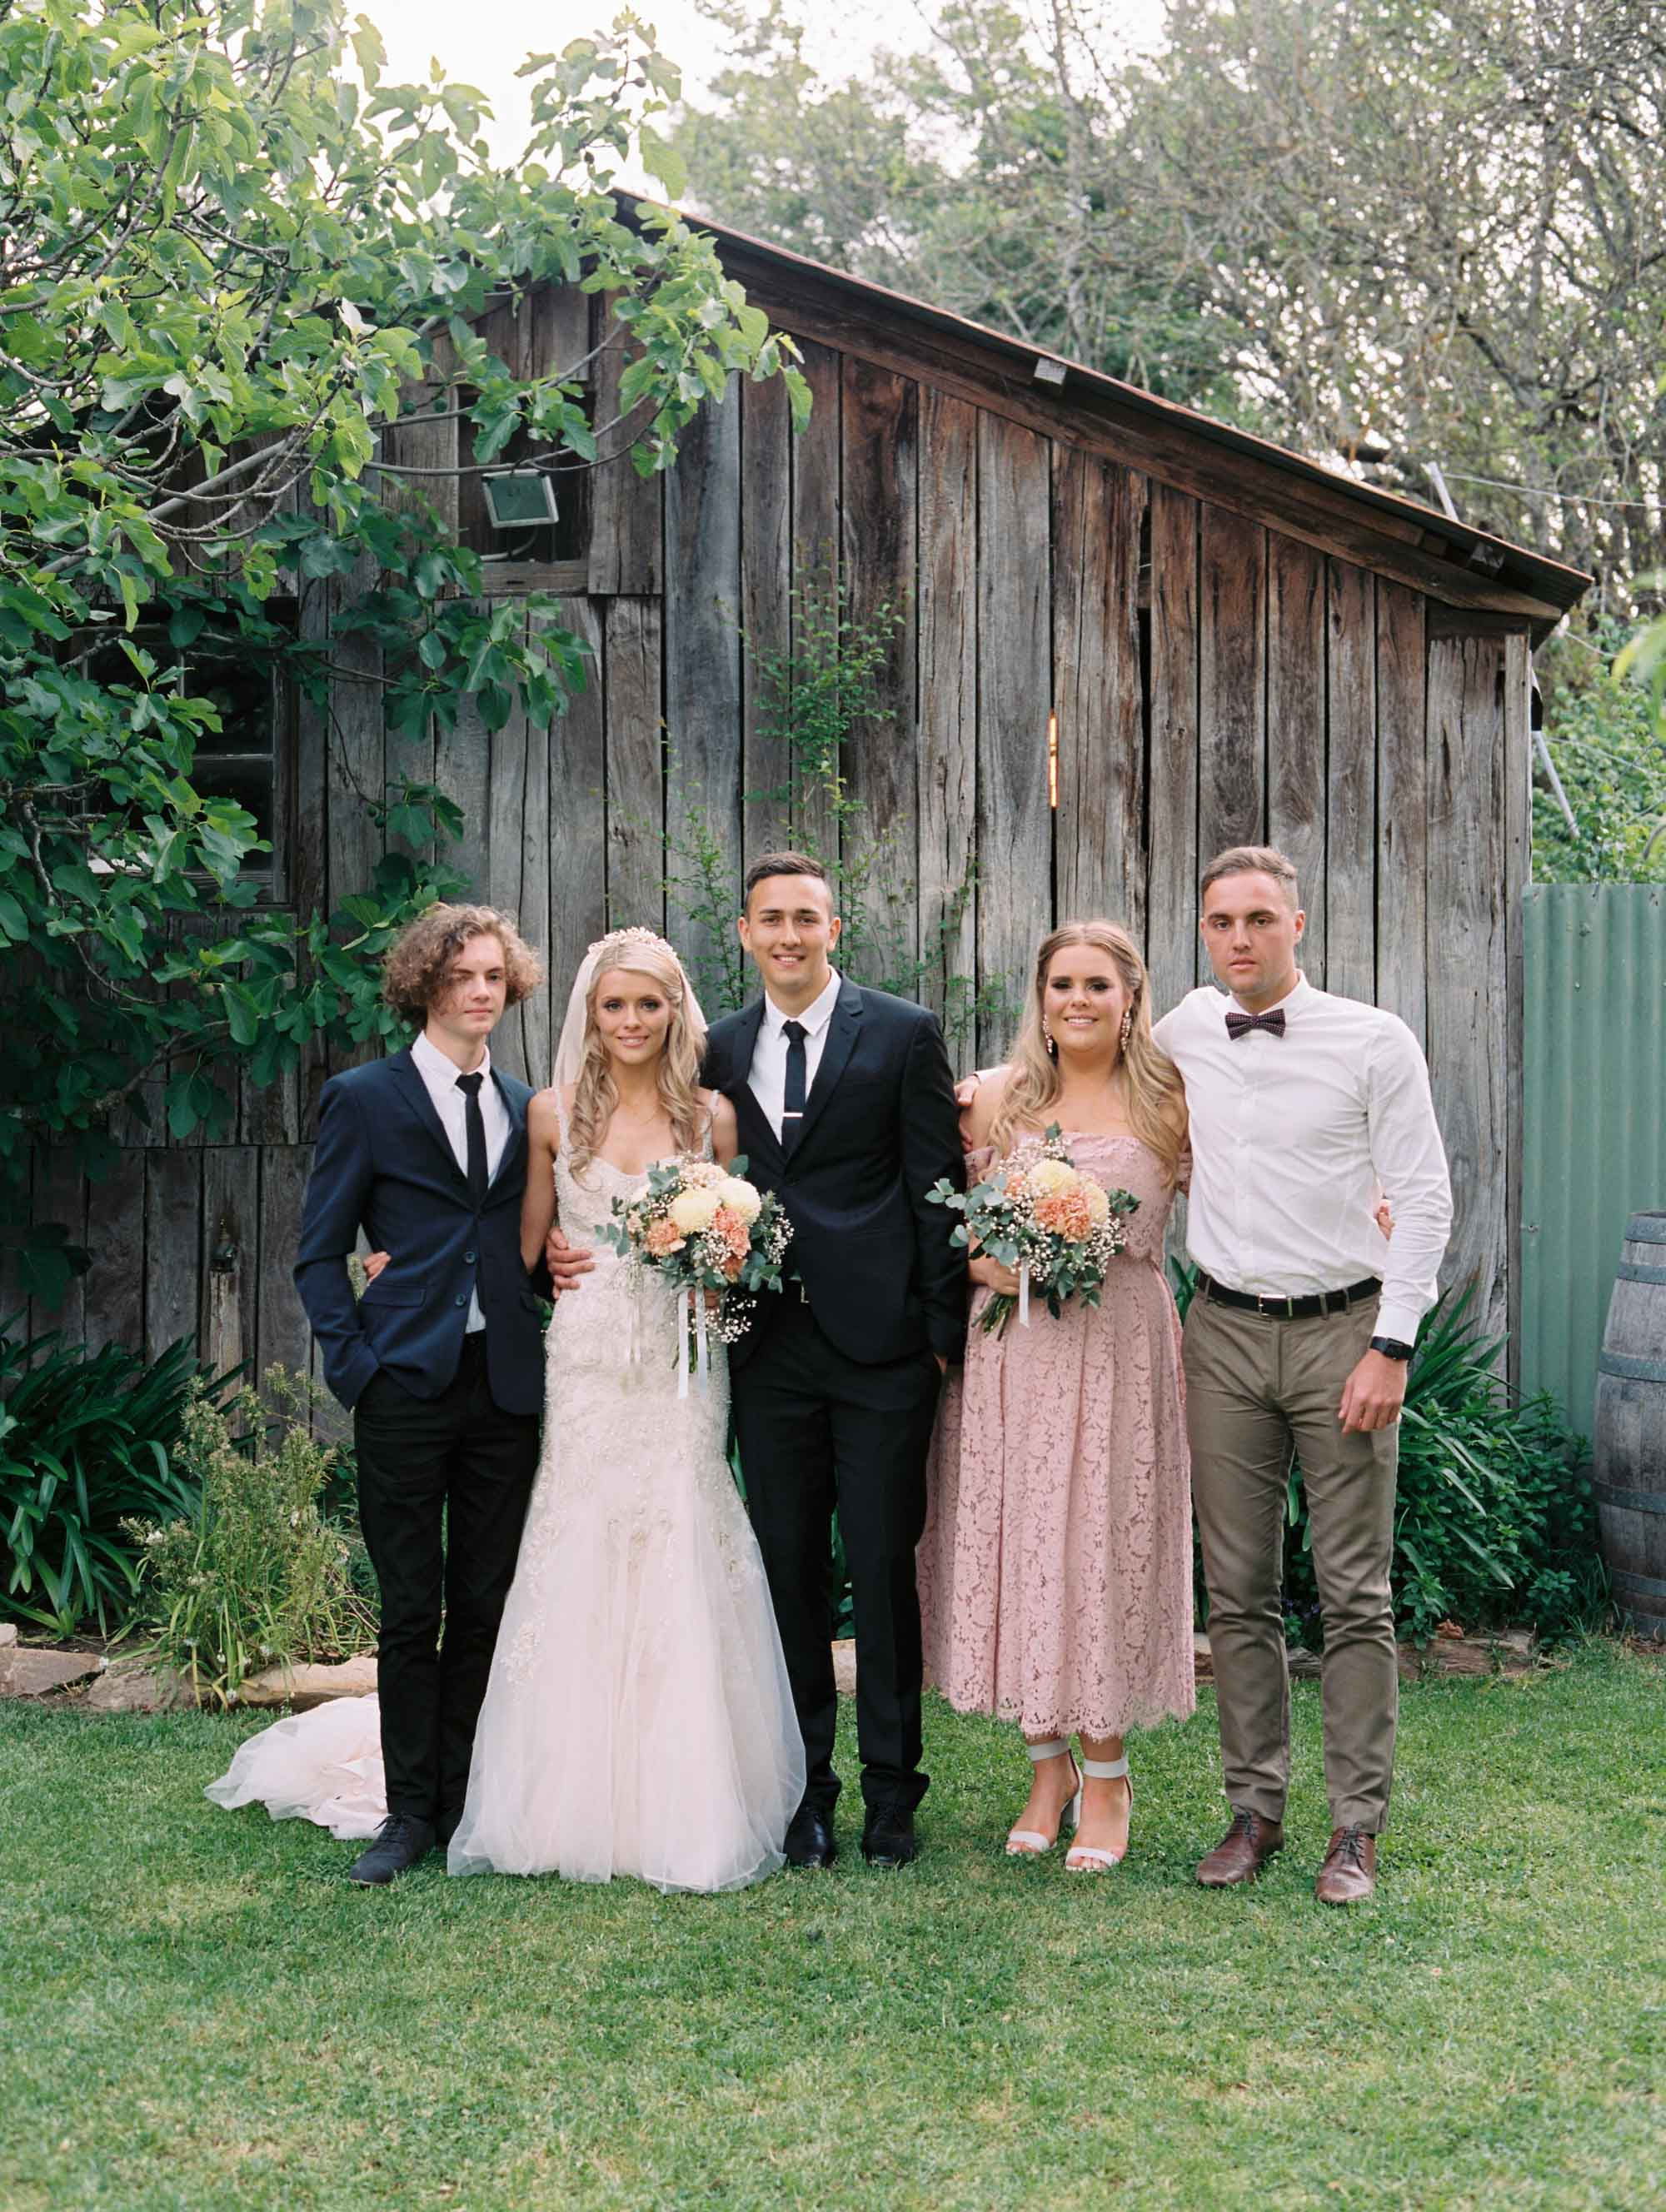 Whitehouse-hahndorf-wedding-photography-061.jpg